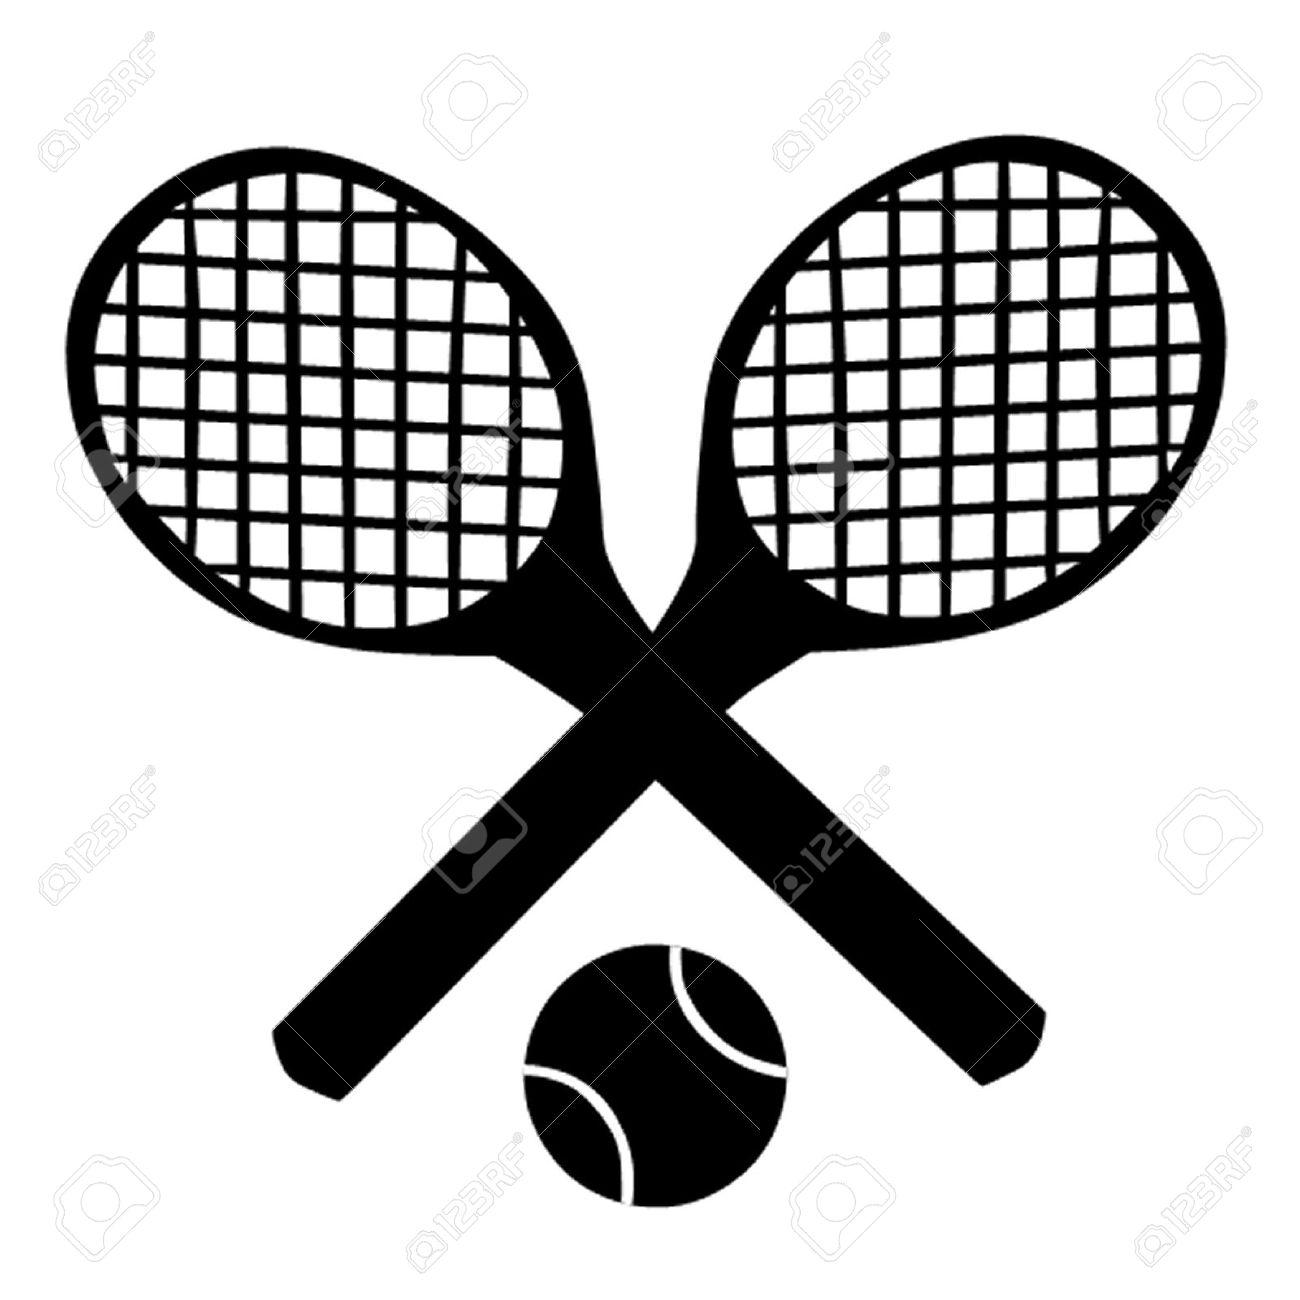 Lawn Tennis Tennis Rackets